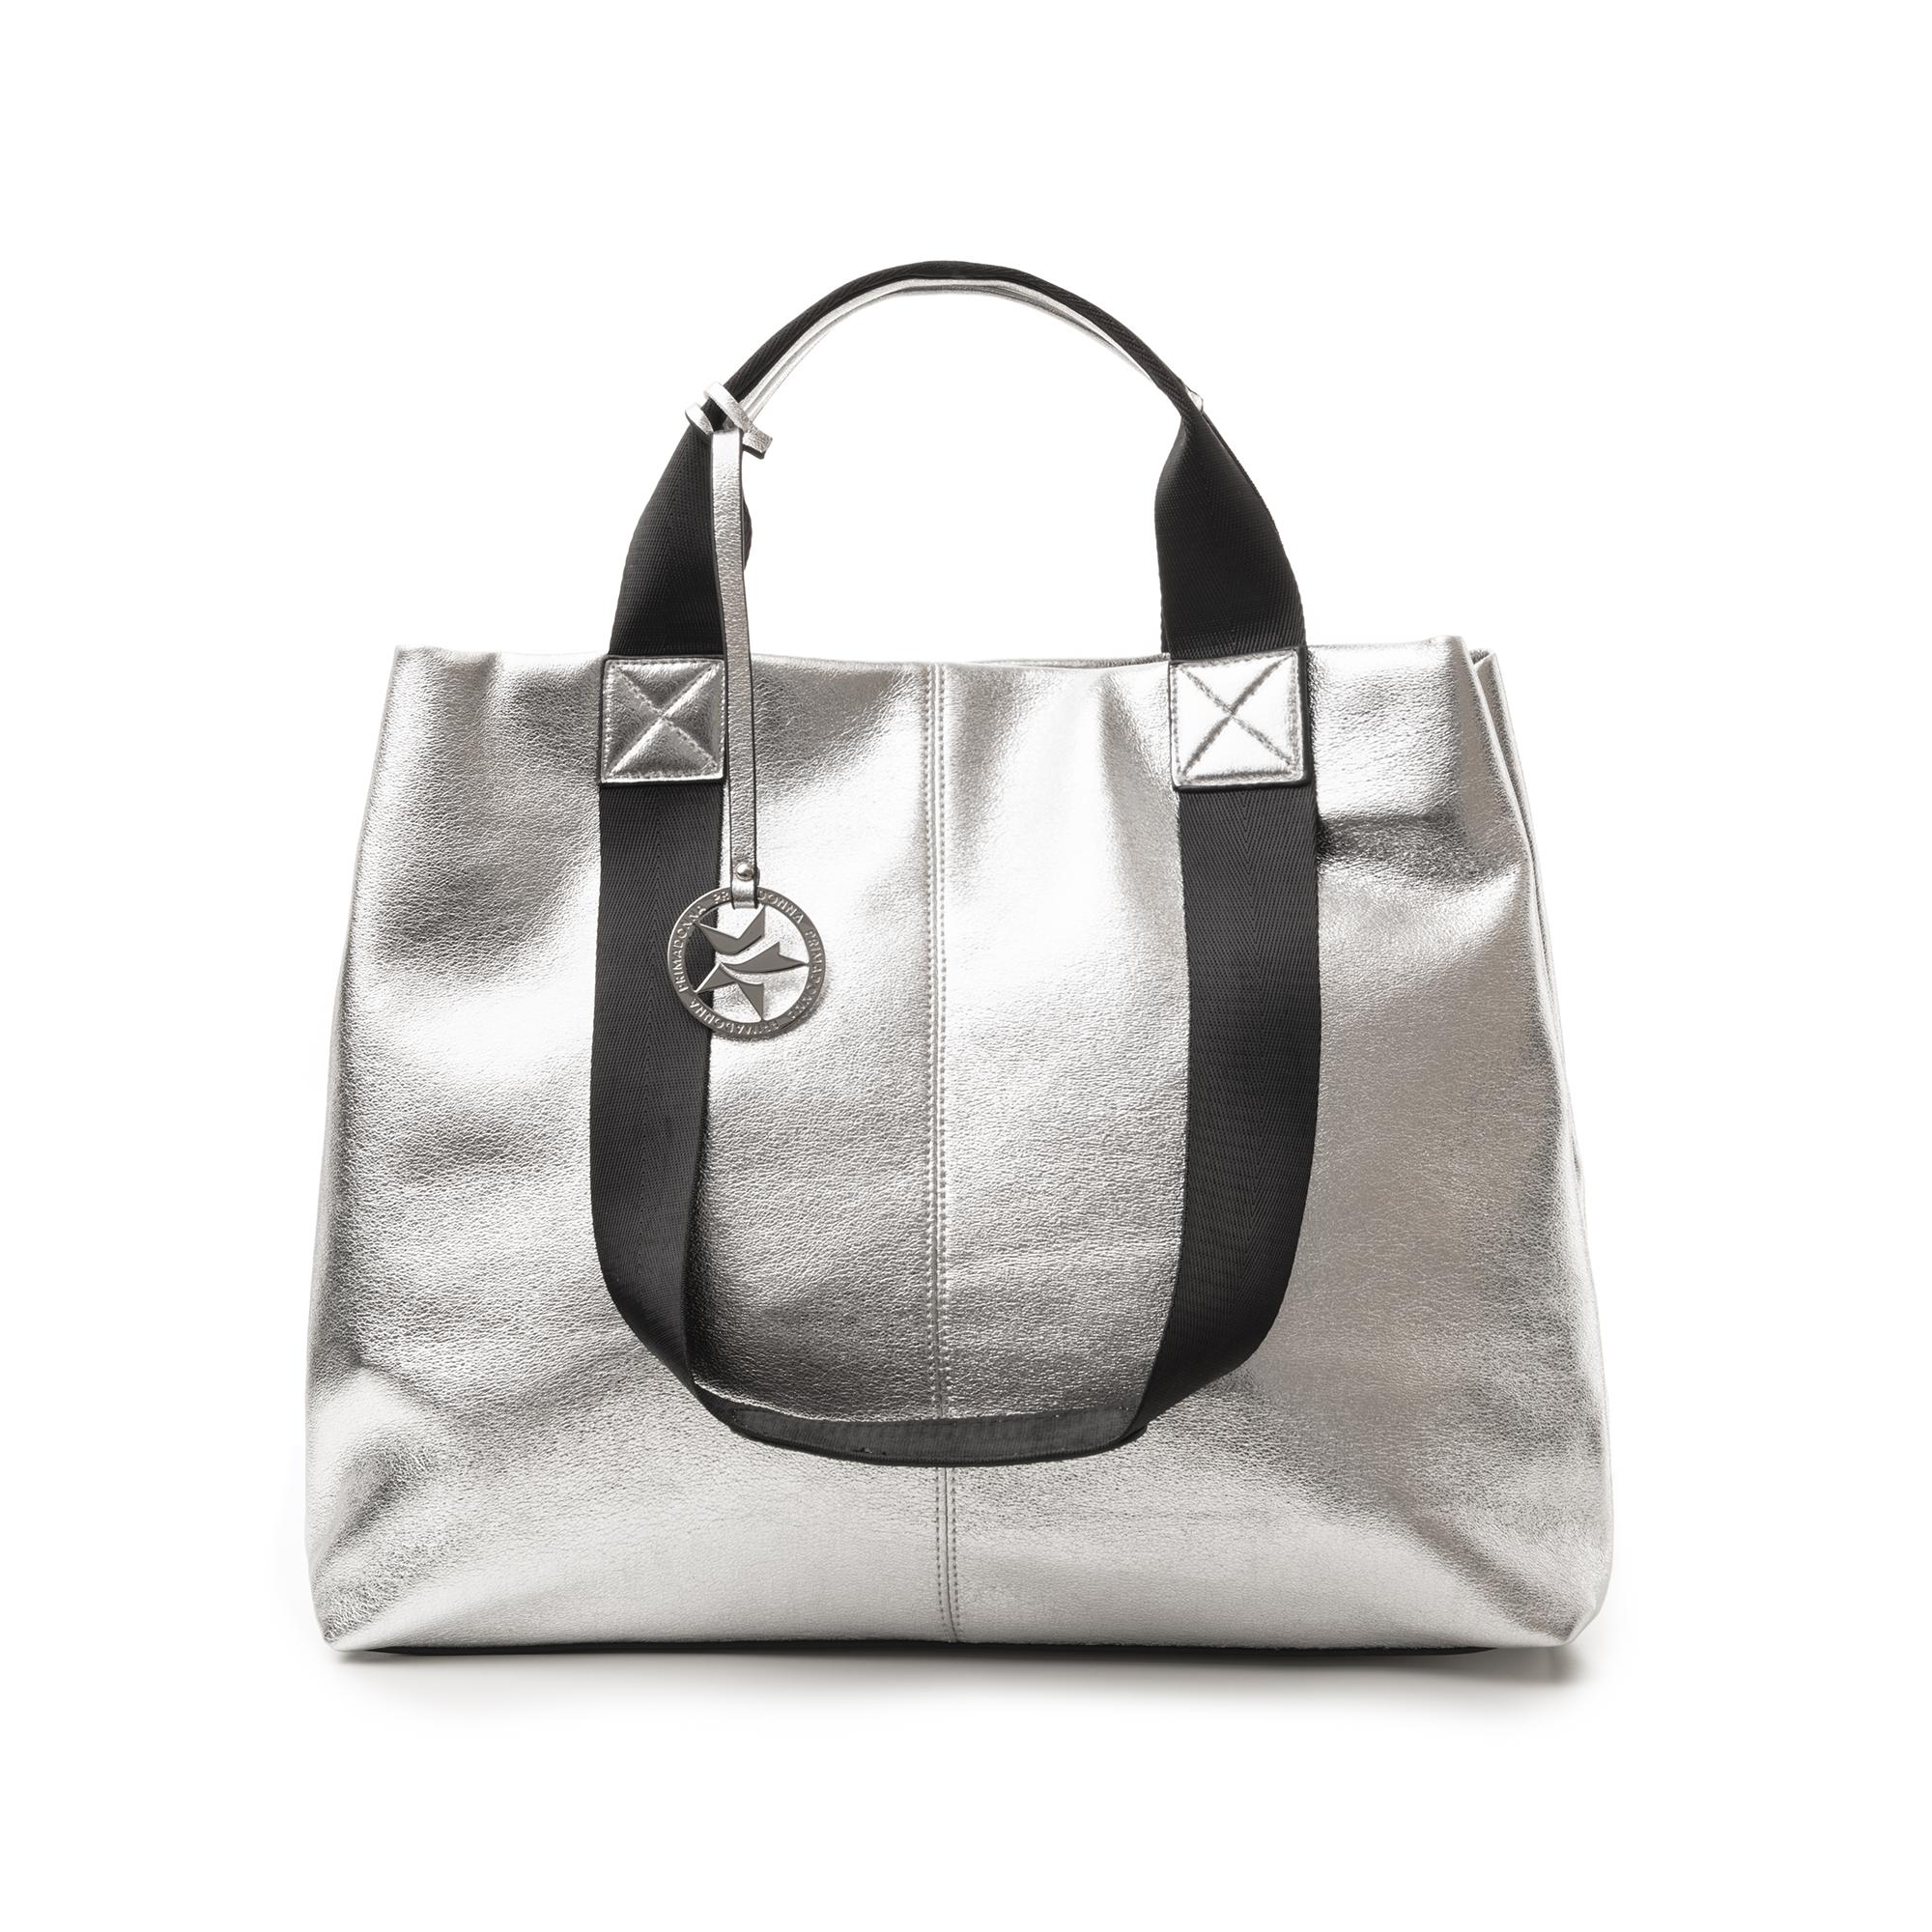 Laminato Bag In DonnaPrimadonna Argento Collection Maxi W9DIH2E